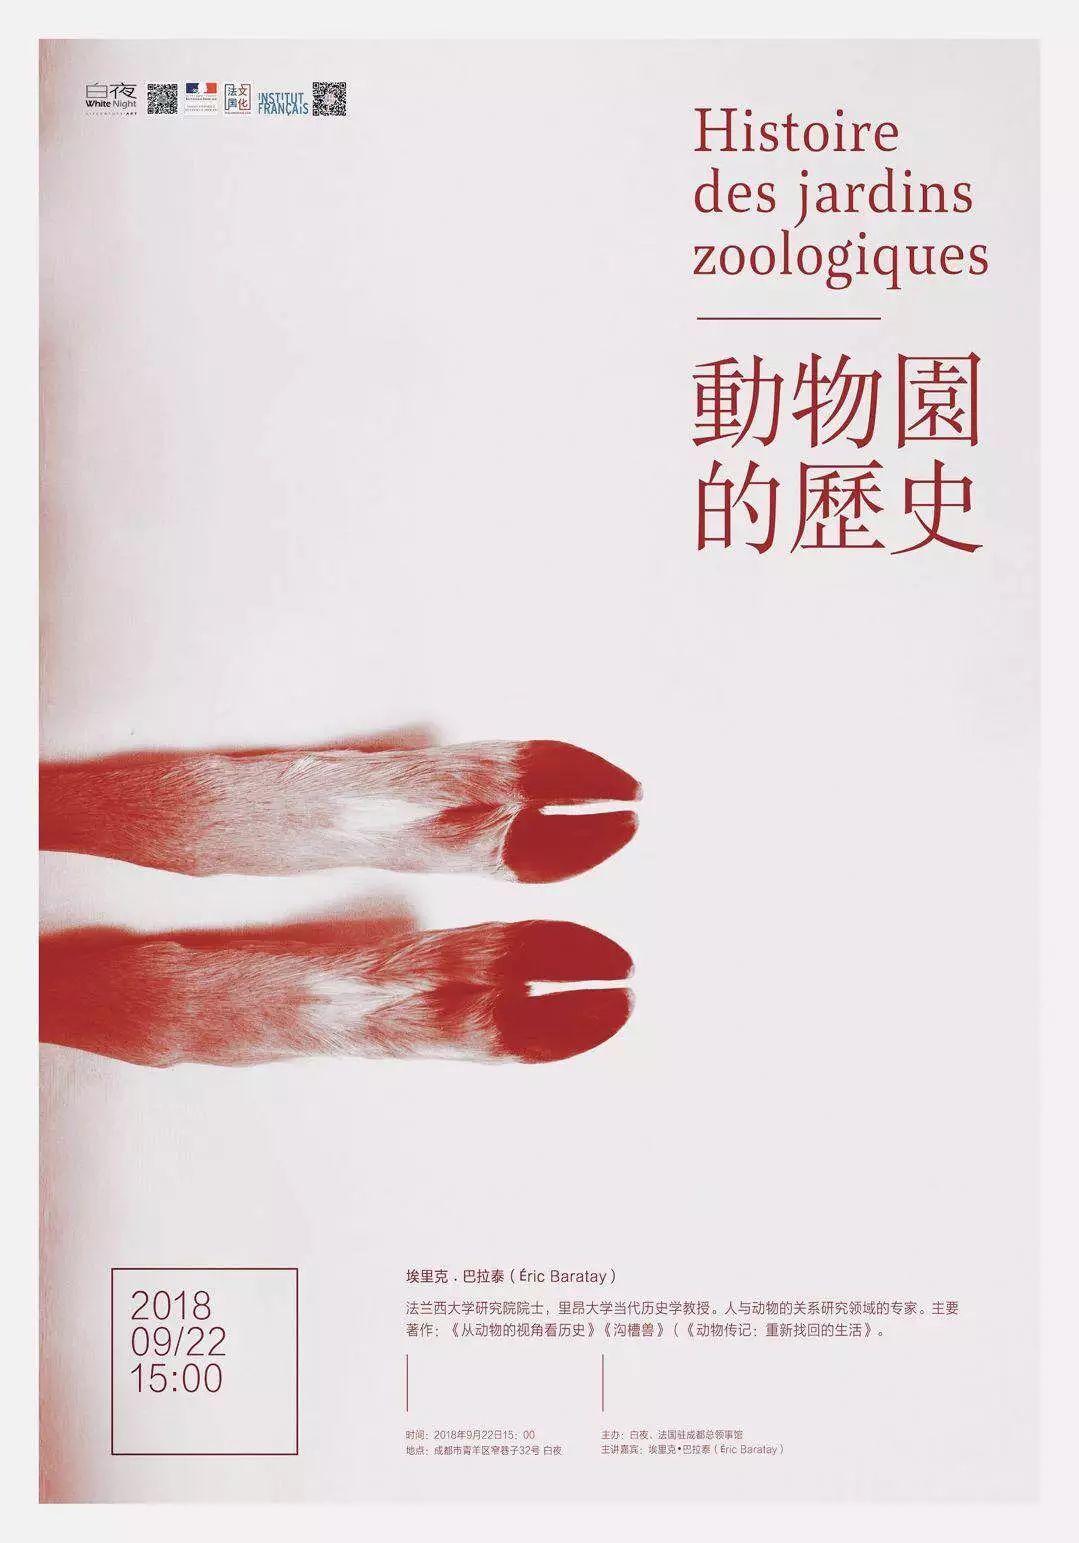 9月22日 | 纪录历史系列讲座:动物园的